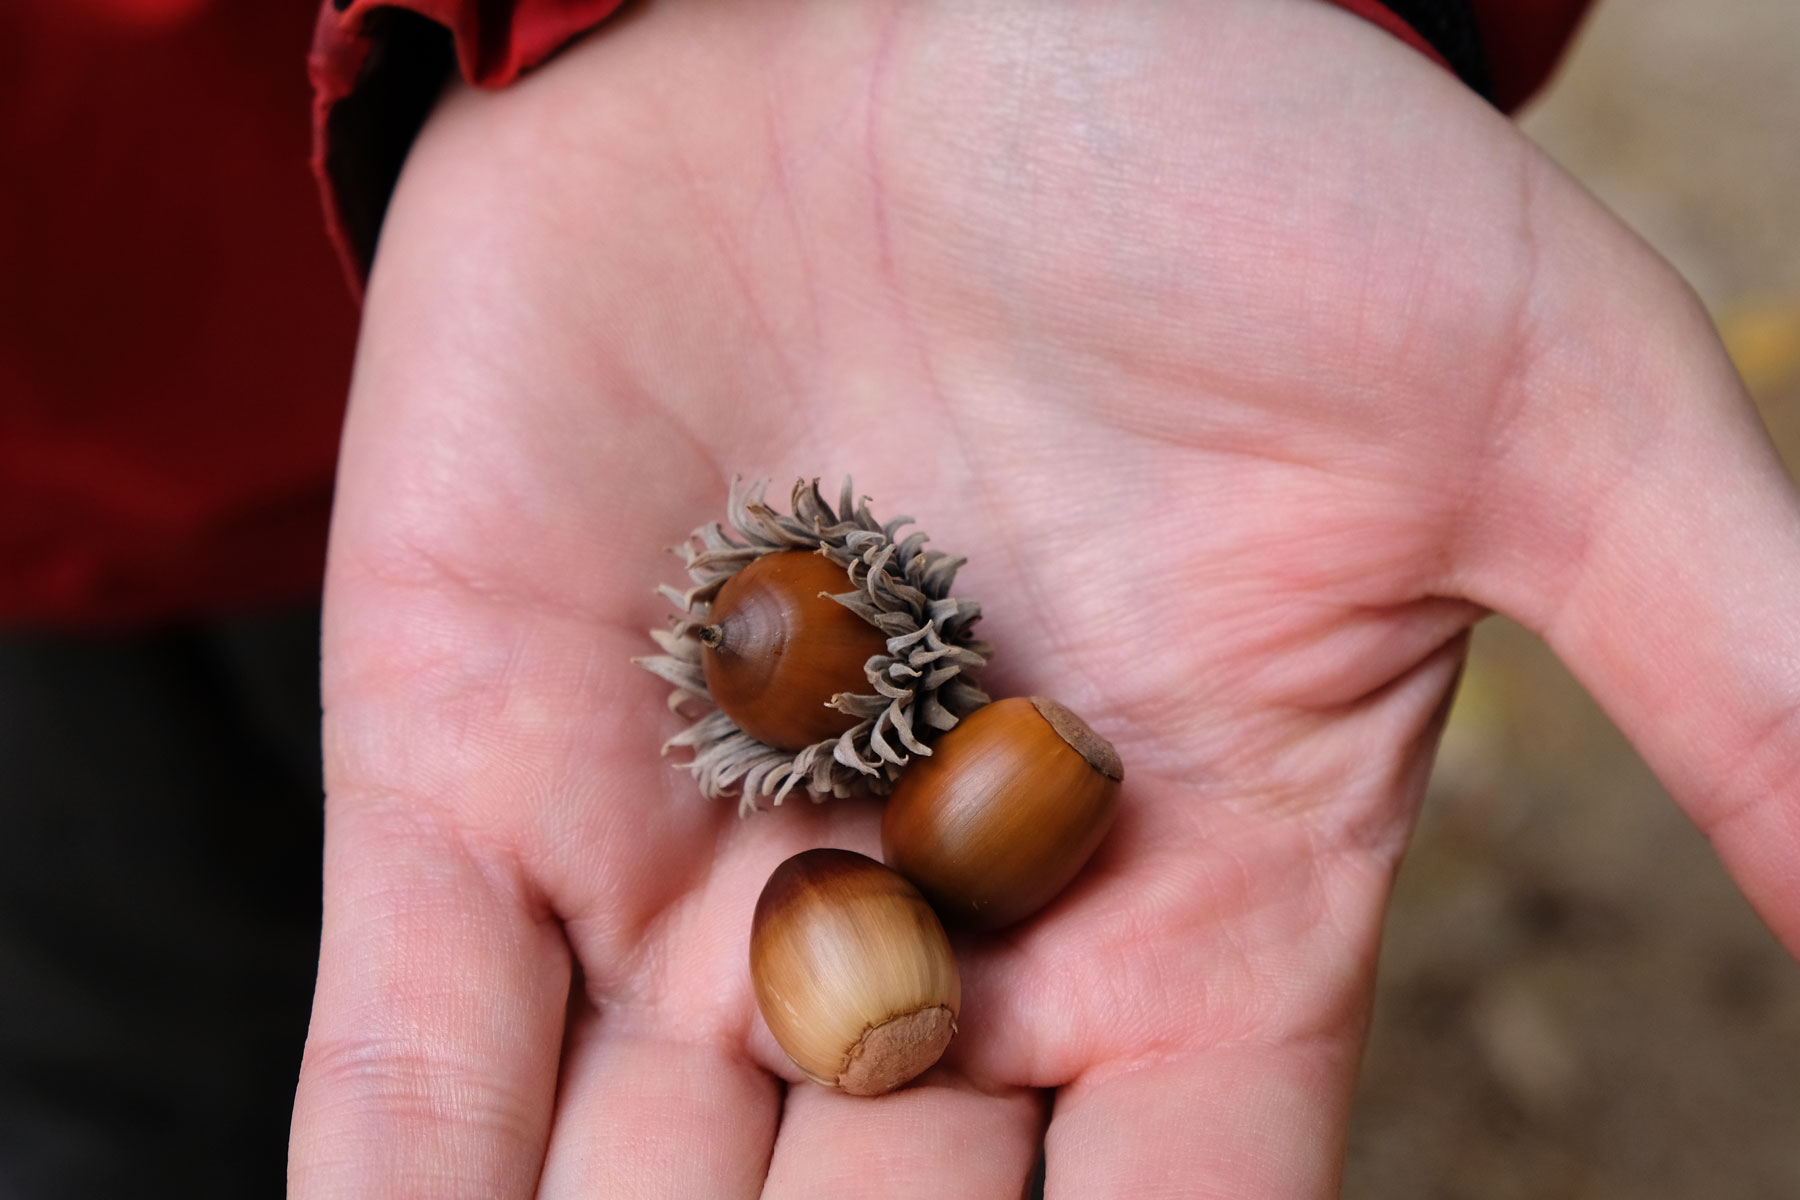 Drei Haselnüsse liegen auf Sebastians Handfläche.